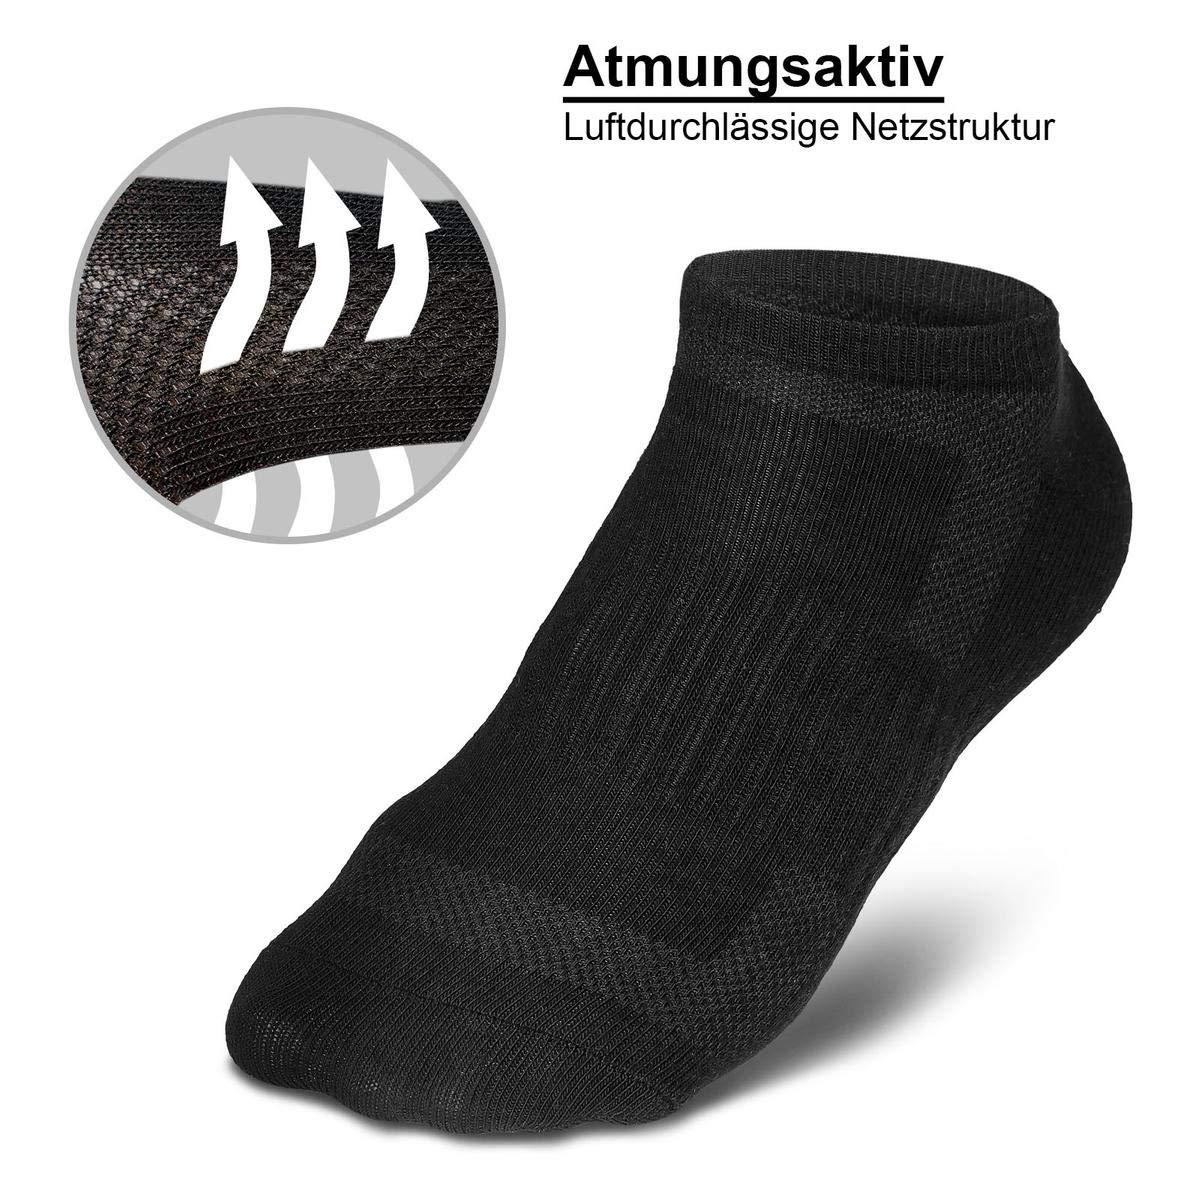 ROYALZ Chaussettes de sport 10 paires de chaussettes pour hommes et femmes courtes pack 10 chaussettes respirantes l/ég/ères et confortables